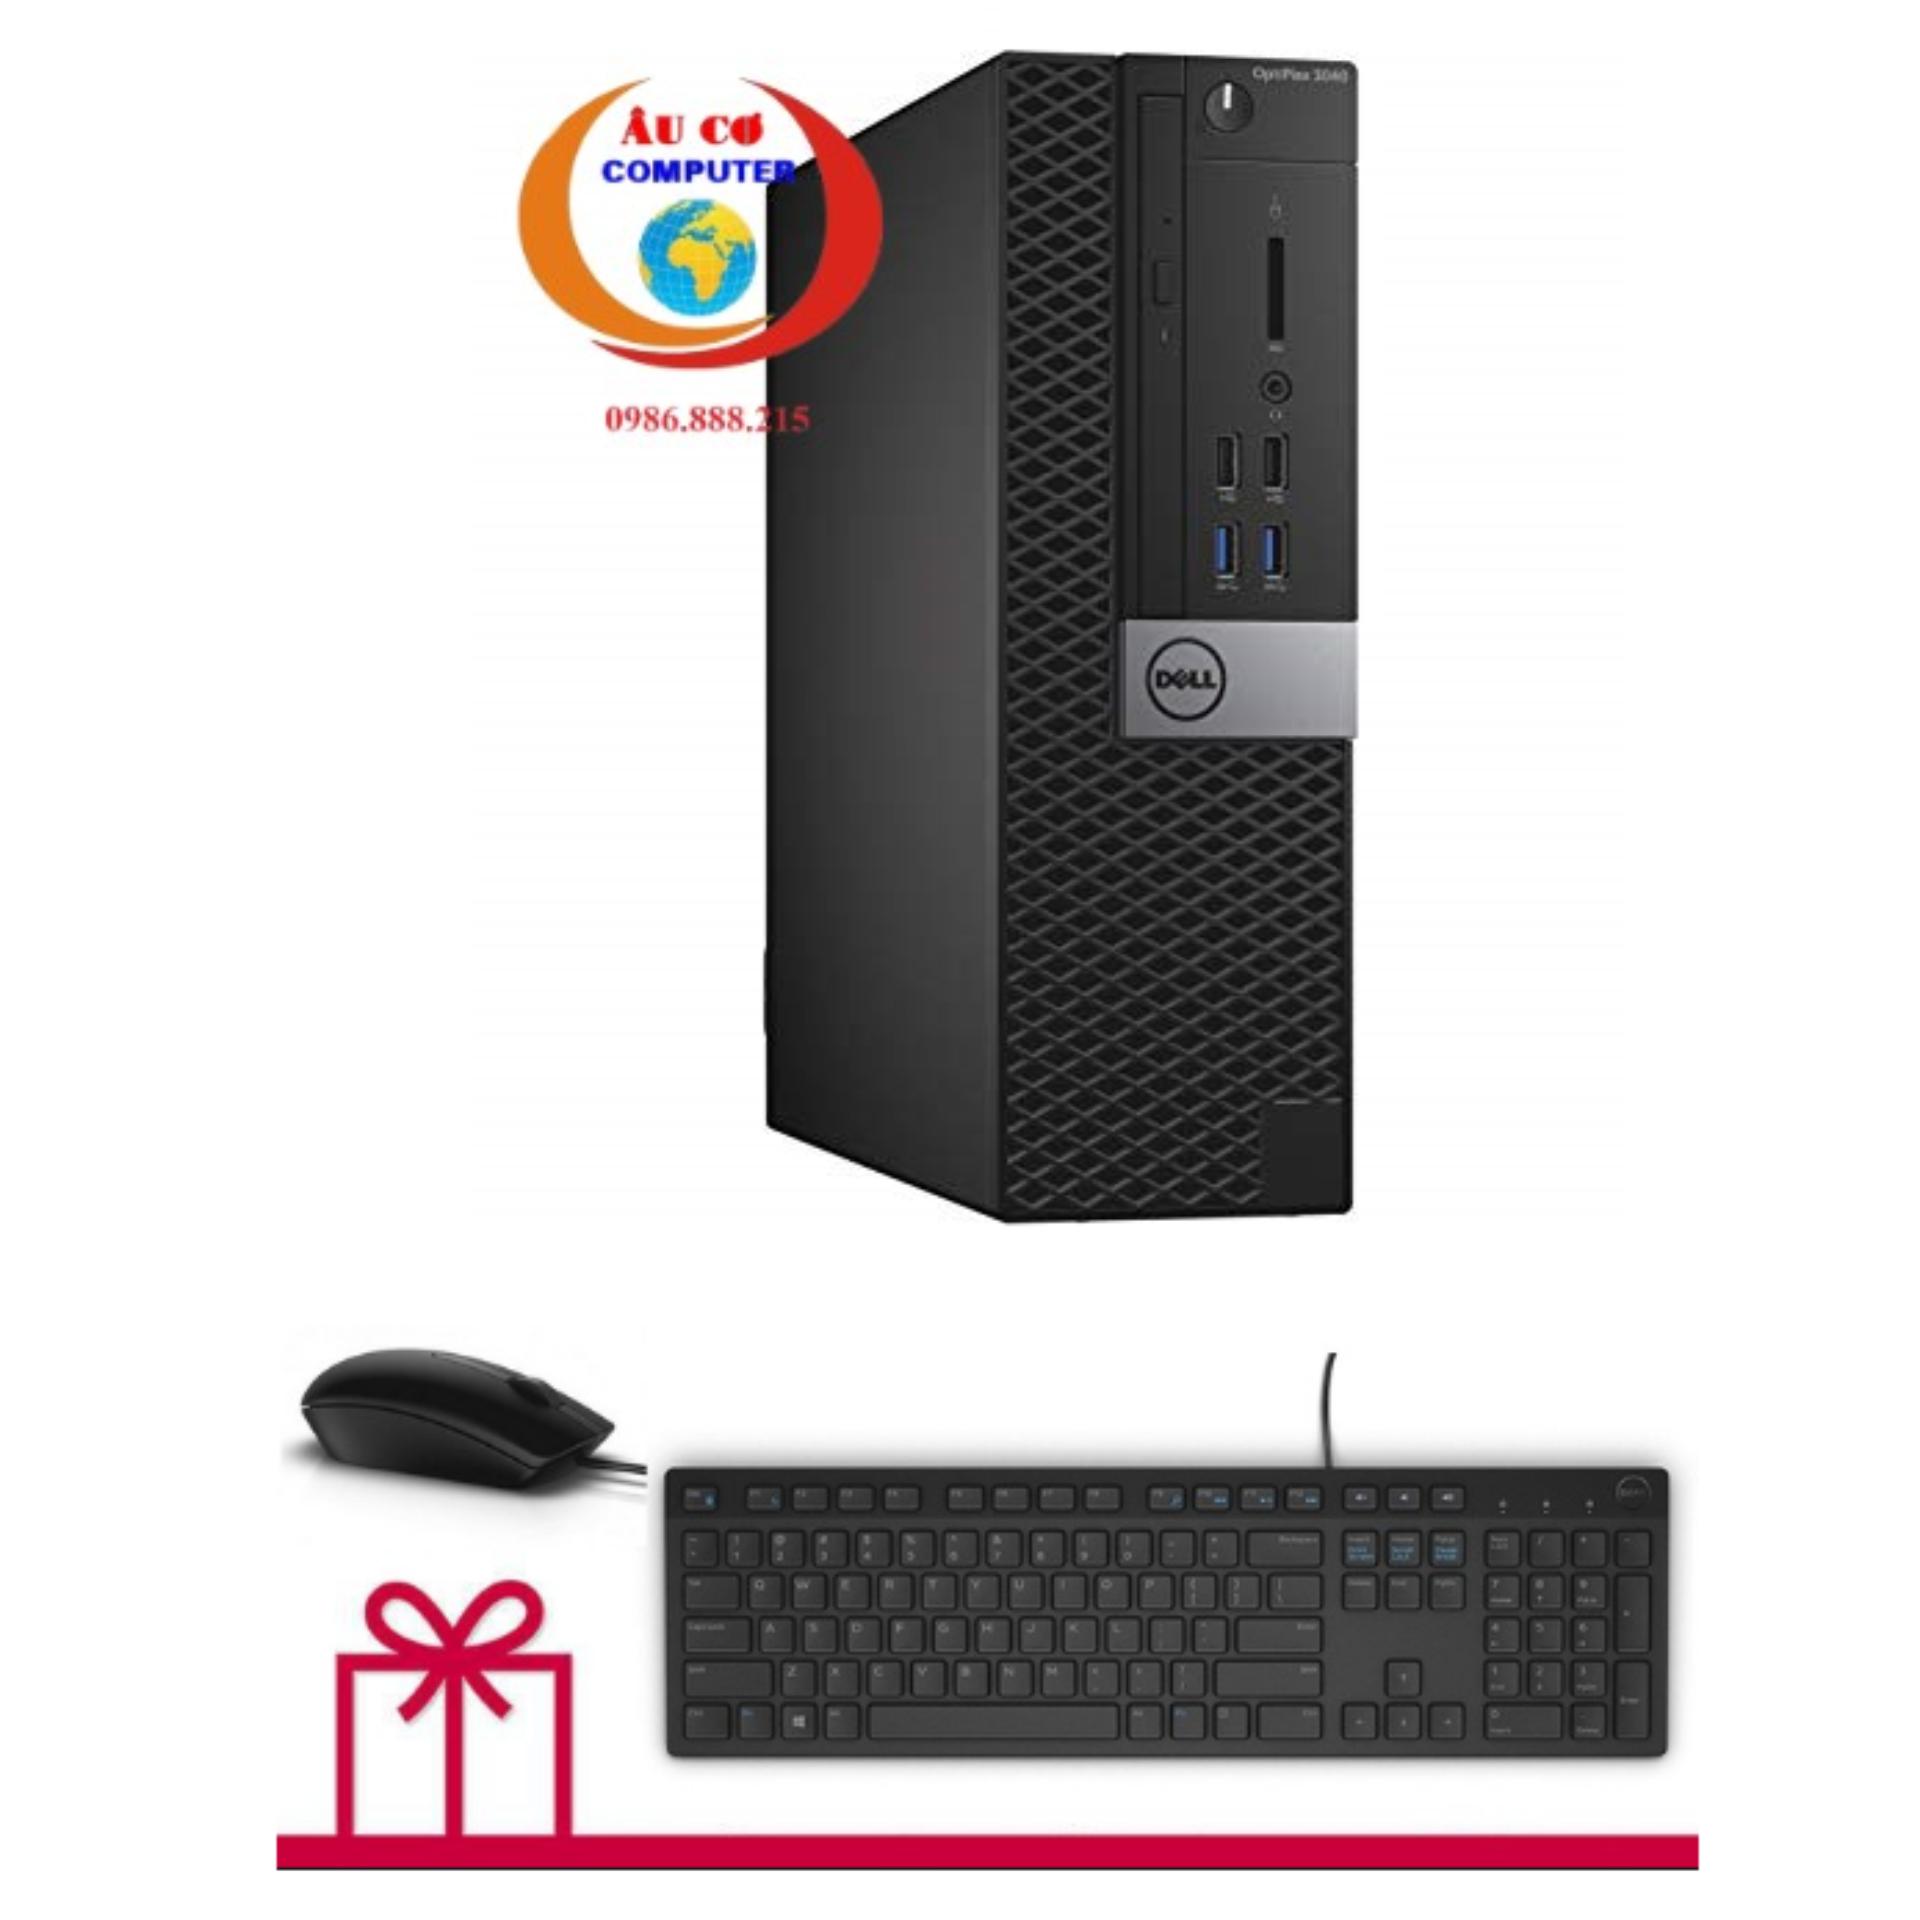 Chương Trình Ưu Đãi cho Thùng Máy Tính đồng Bộ Dell Optiplex 3040 ( Core I3 - 6100  / Ram 16Gb / SSD 240GB ) - Tặng Bàn Phím Chuột - Bảo Hành 12 Tháng - Hàng Nhập Khẩu